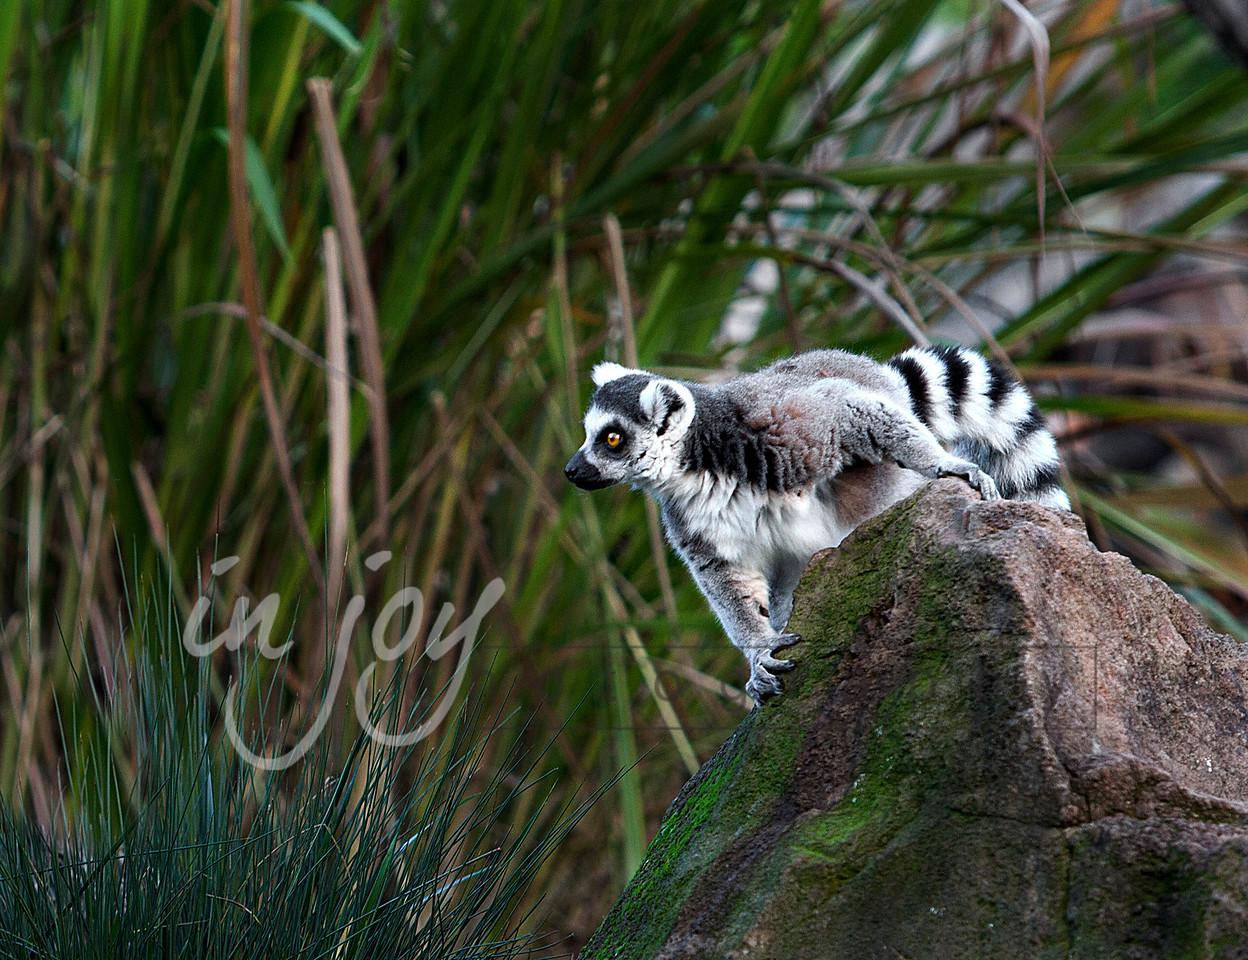 Lemur from Safari Park West, California.